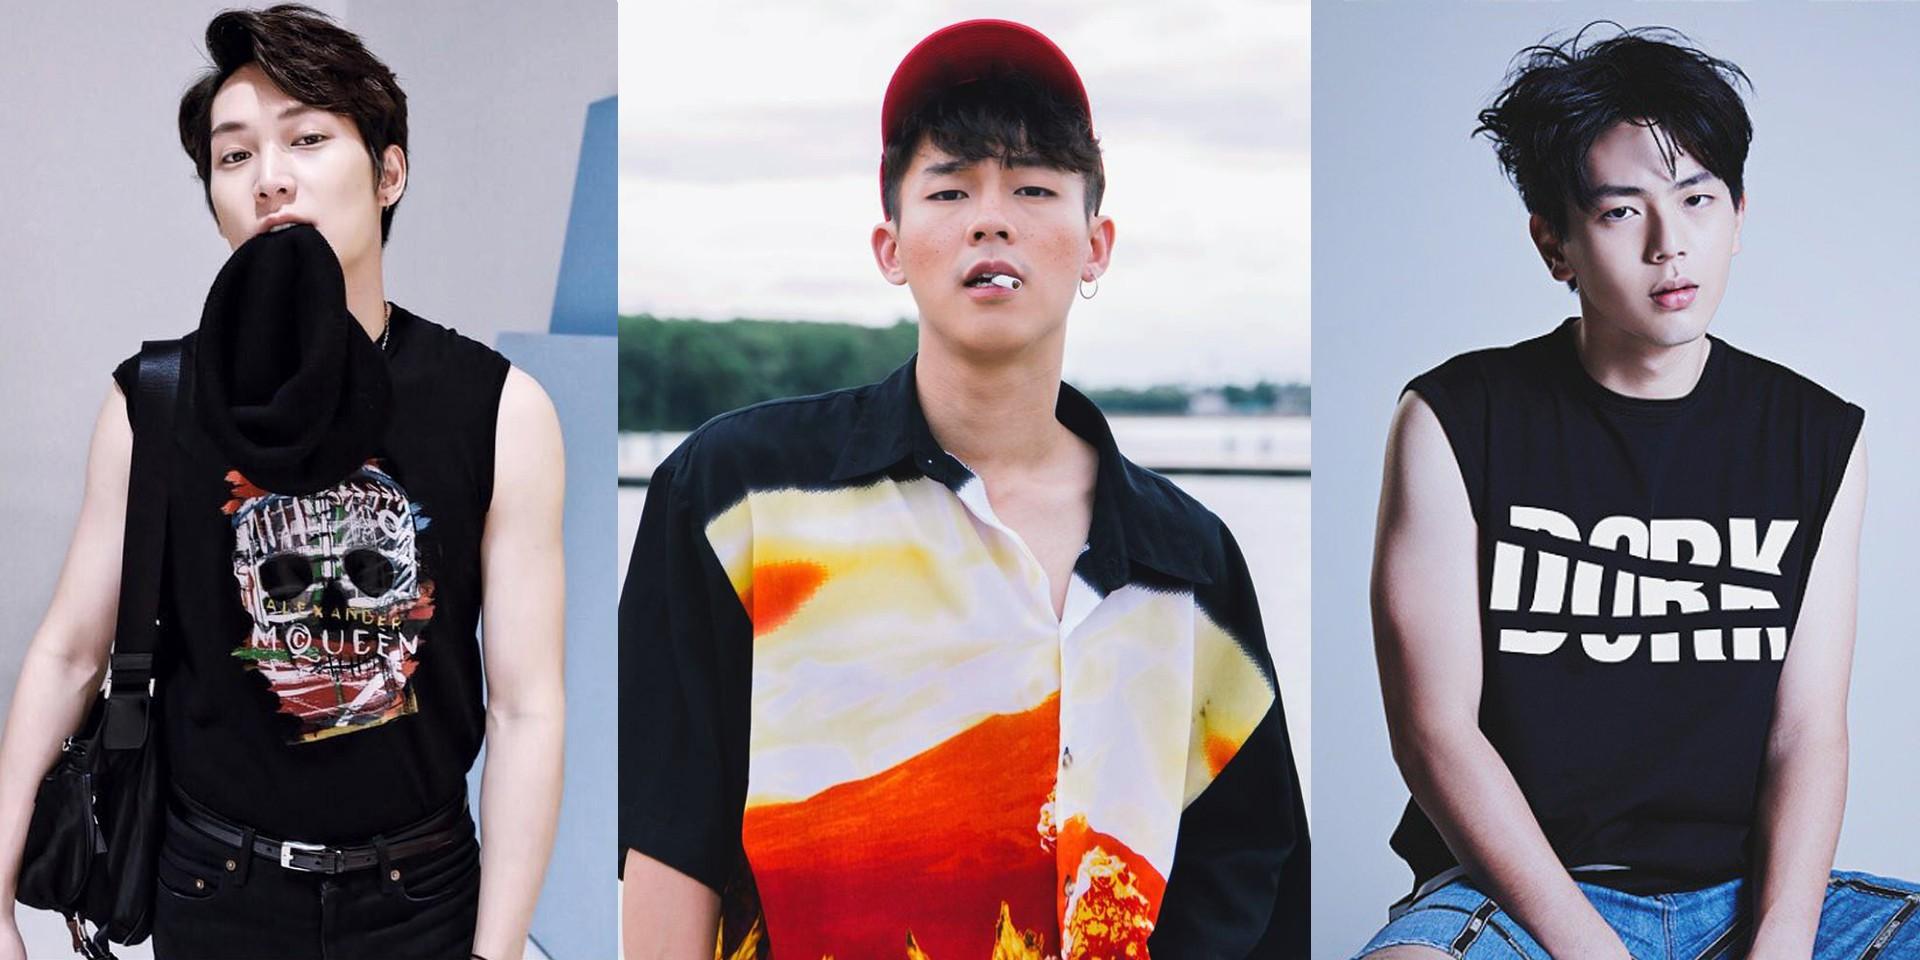 5 หนุ่มไทยสไตล์เกาหลี ที่รับรองได้ว่าดีต่อใจ! ♡